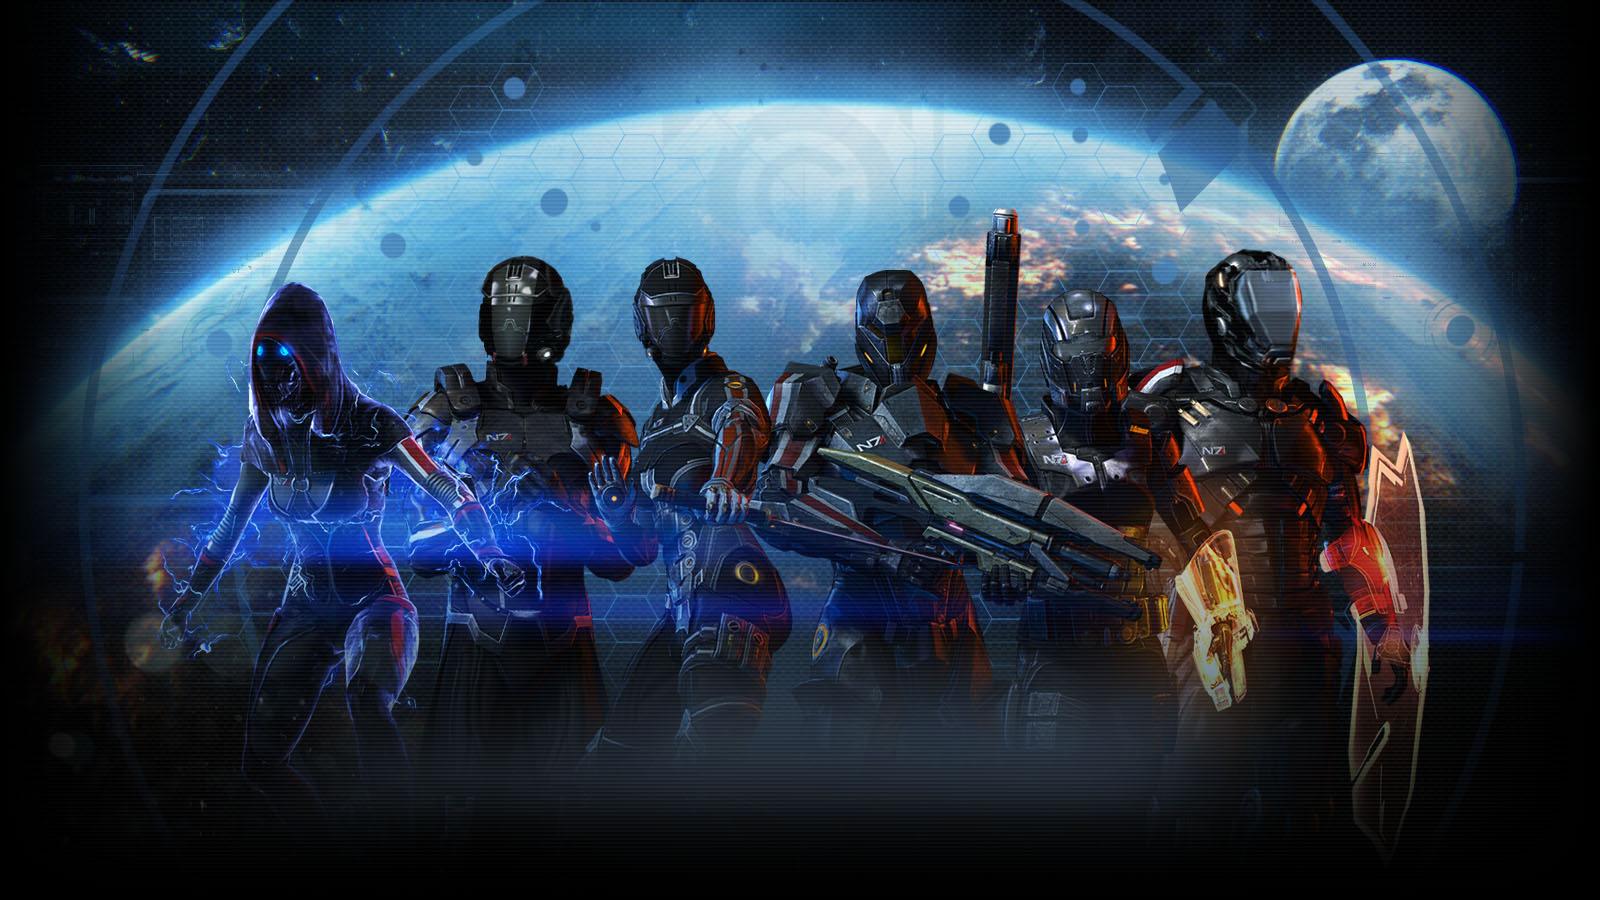 Mass Effect Desktop Backgrounds: Mass Effect Desktop Wallpaper